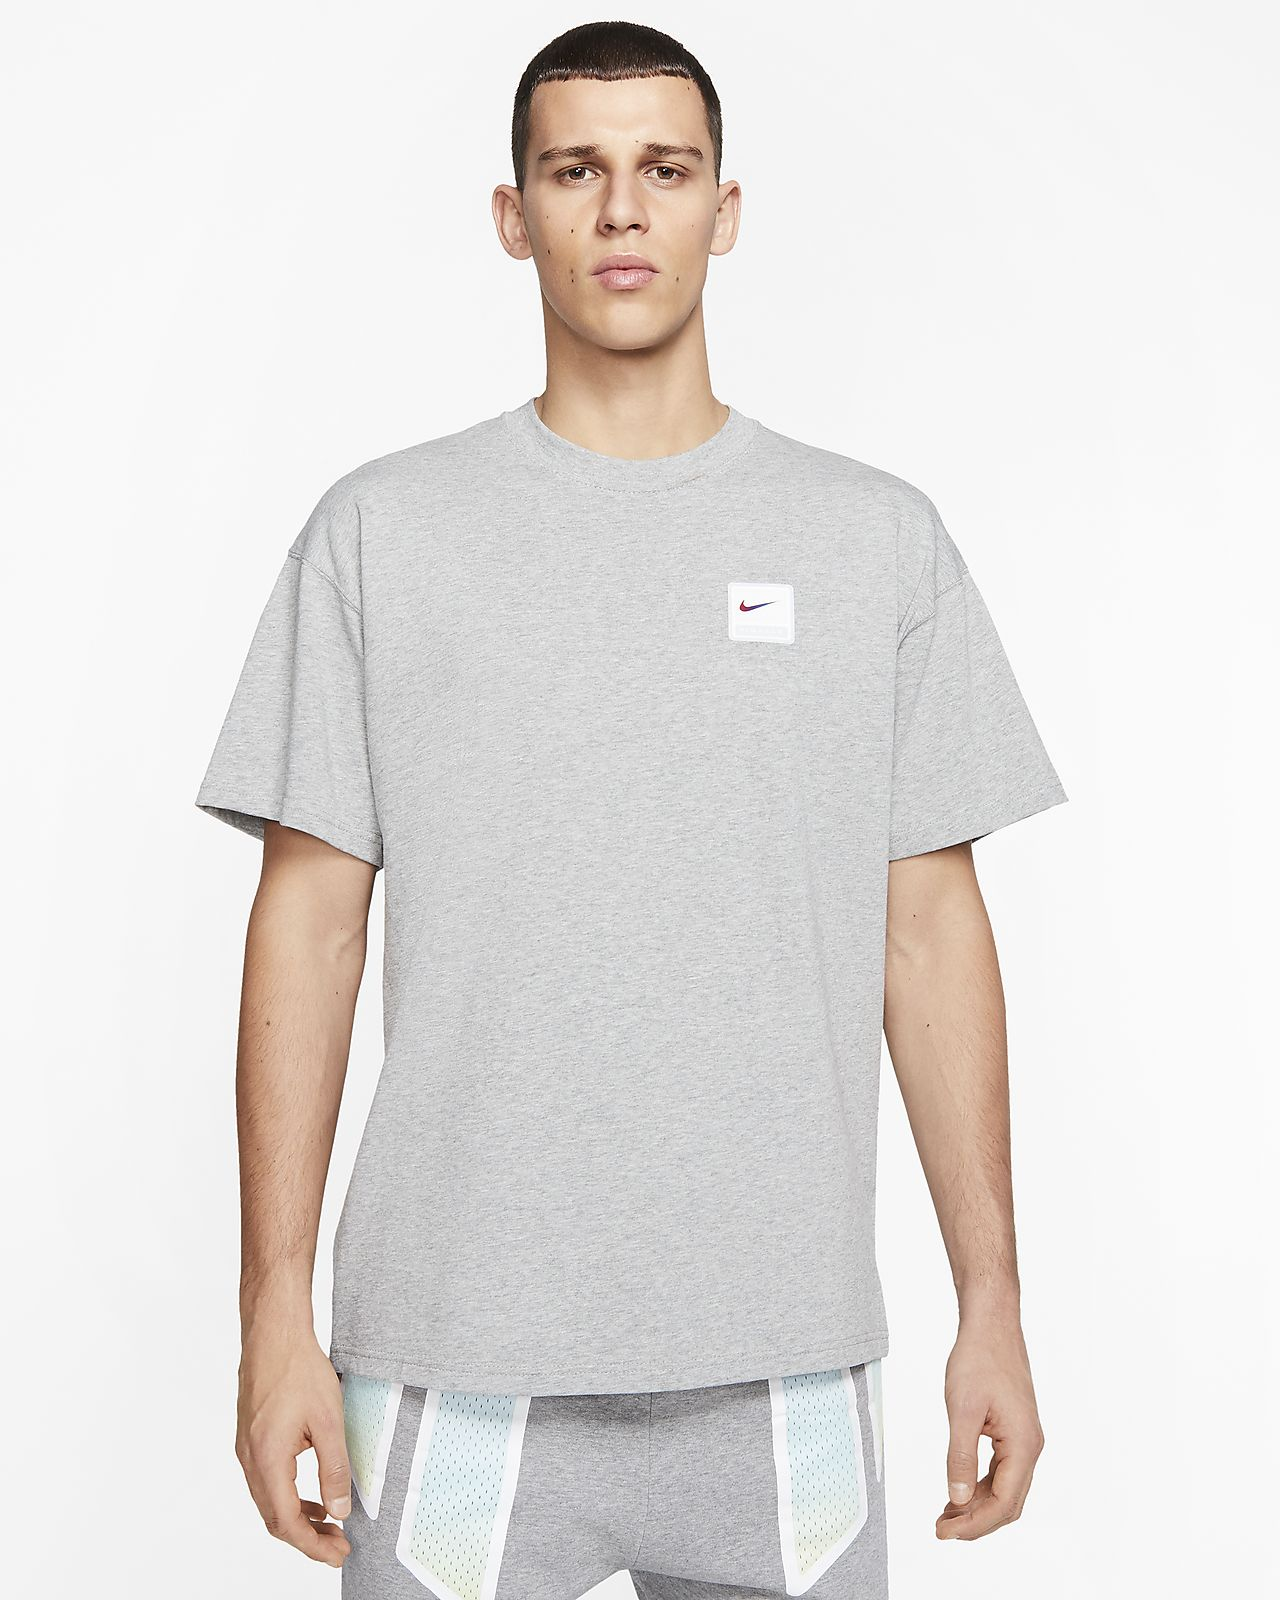 ナイキ x ピガール Tシャツ